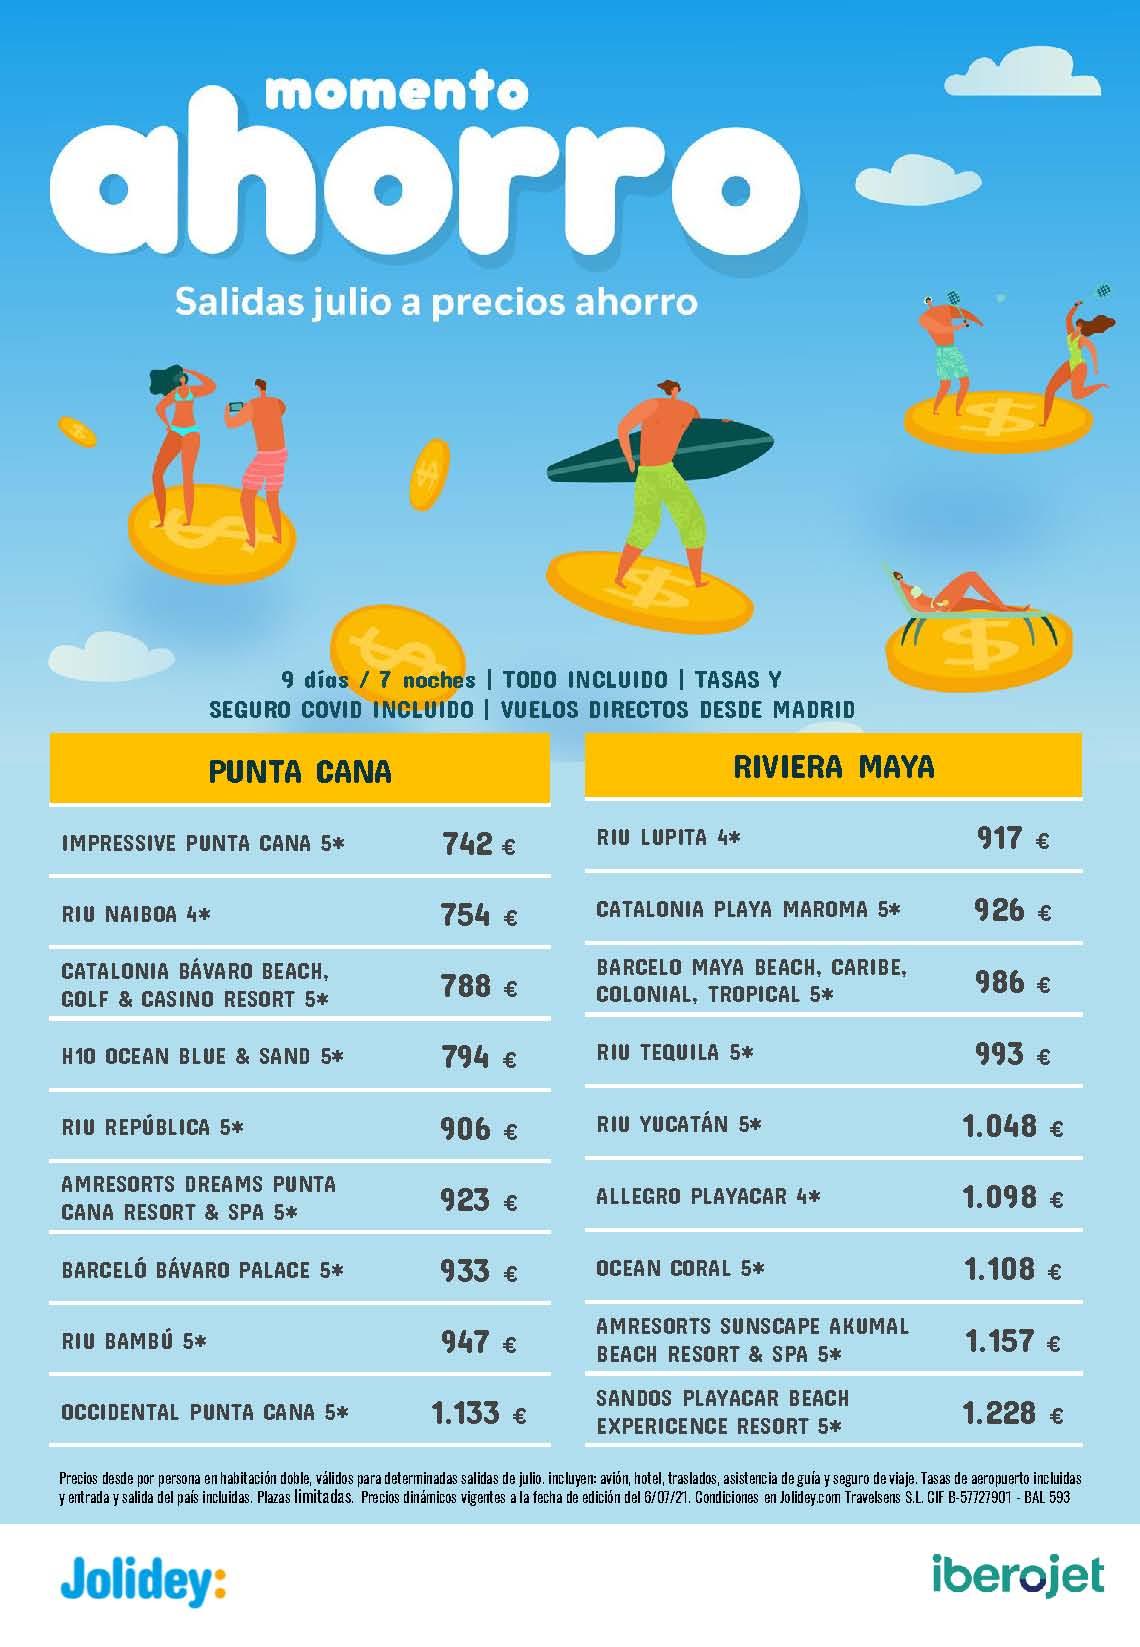 Ofertas Jolidey Julio 2021 ahorro Riviera Maya vuelo directo desde Madrid